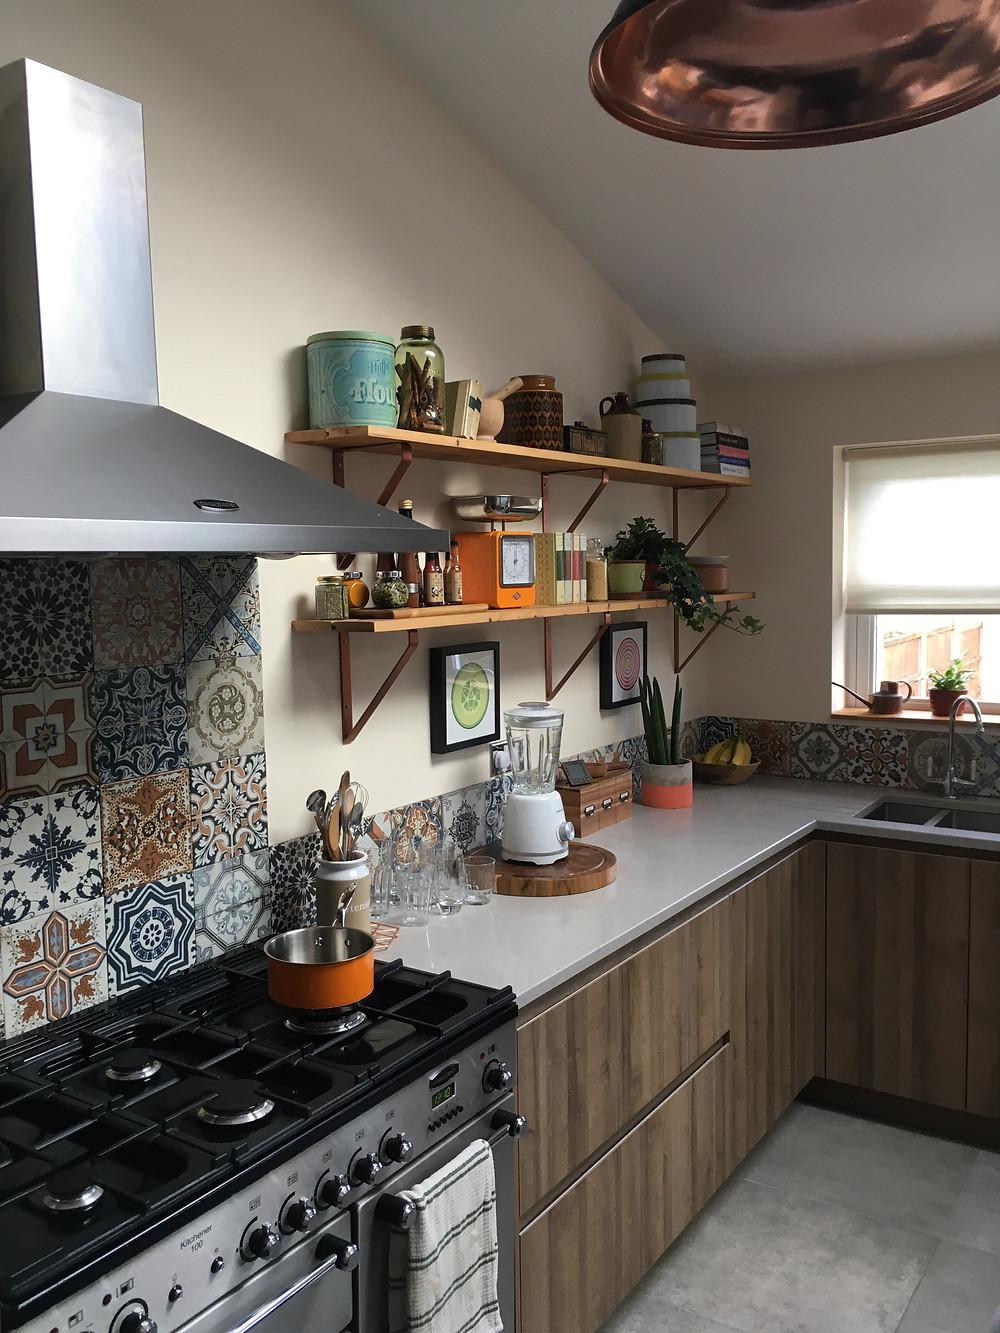 Kitchen Design - Fresh Start Living